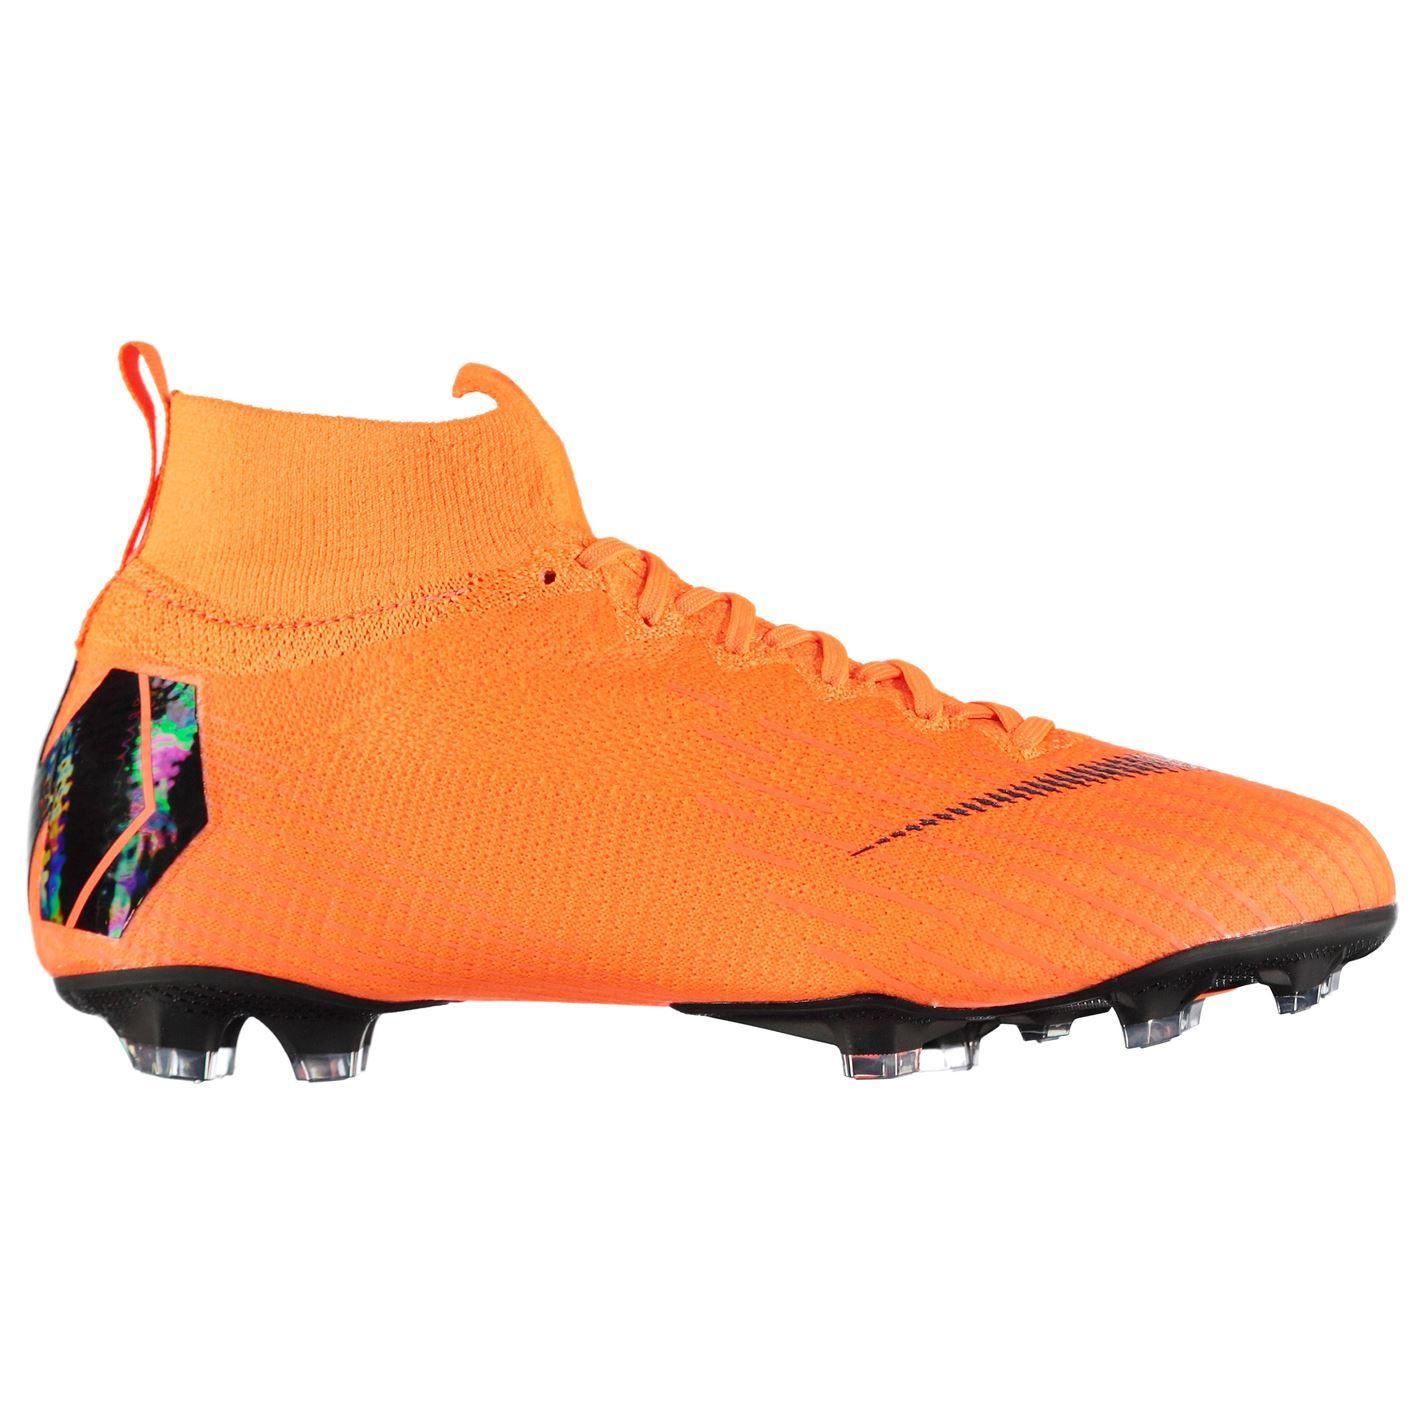 las mejores botas de fútbol junior nike